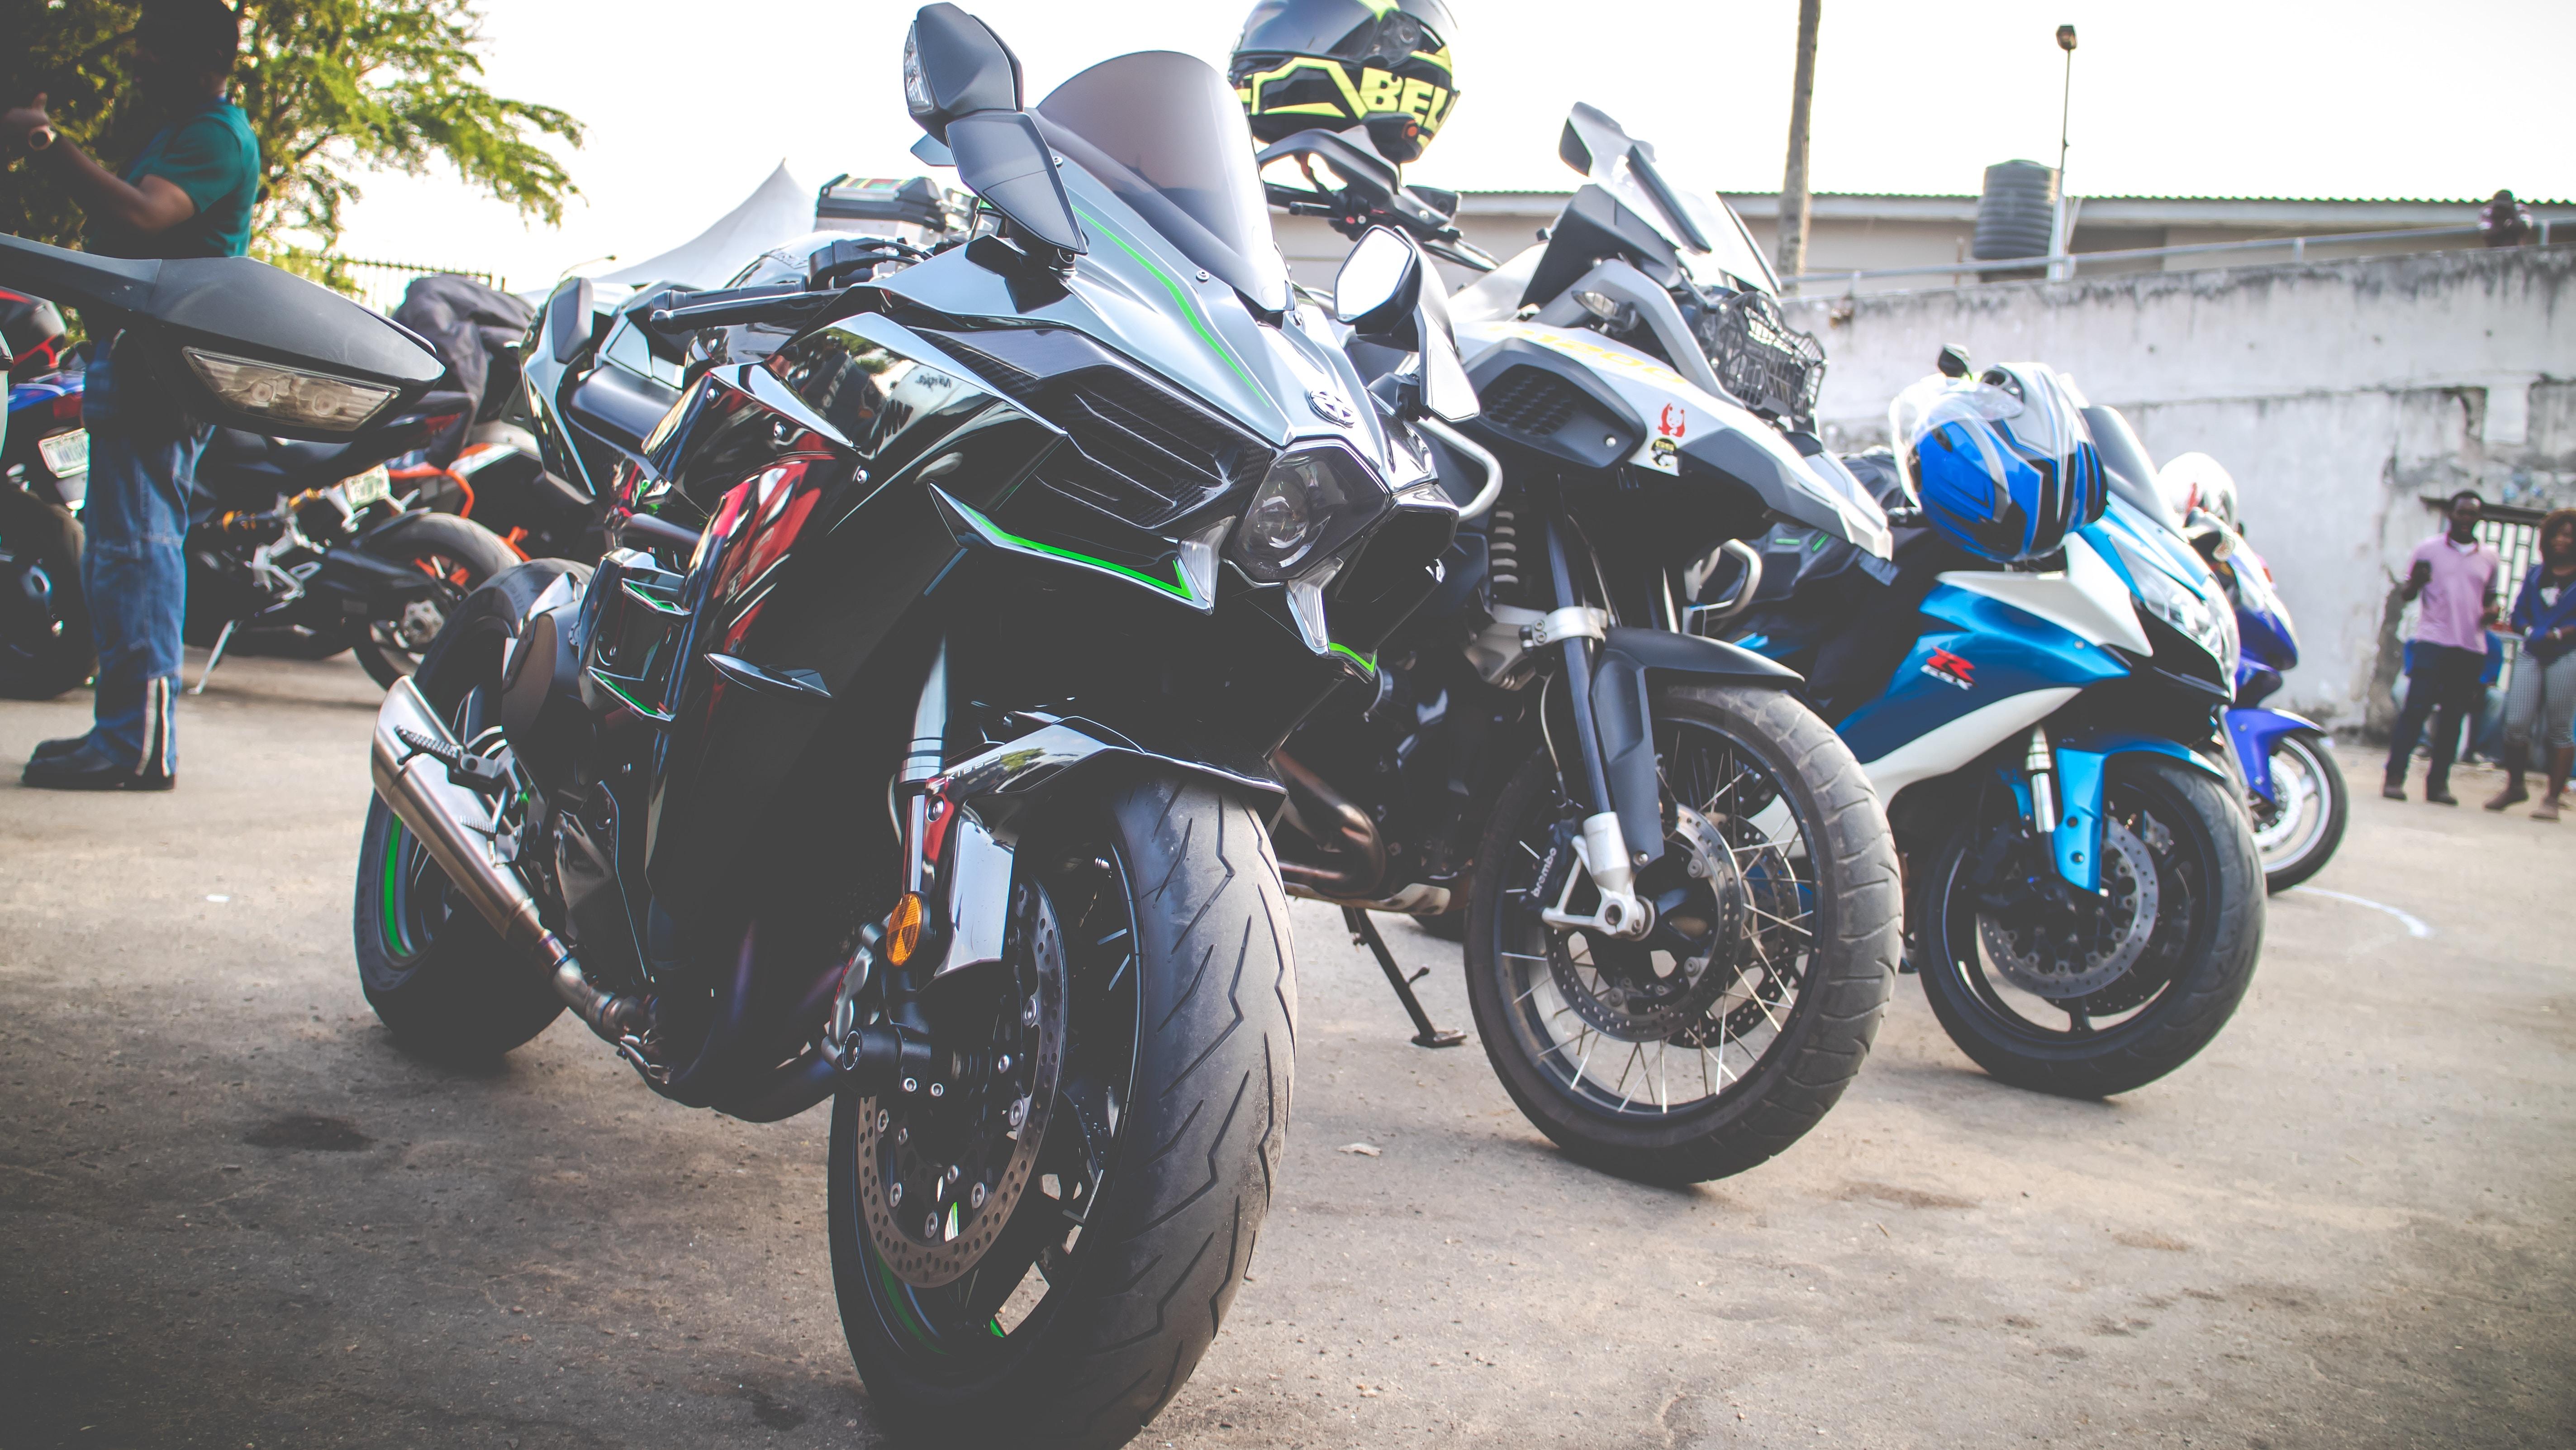 several sport bikes